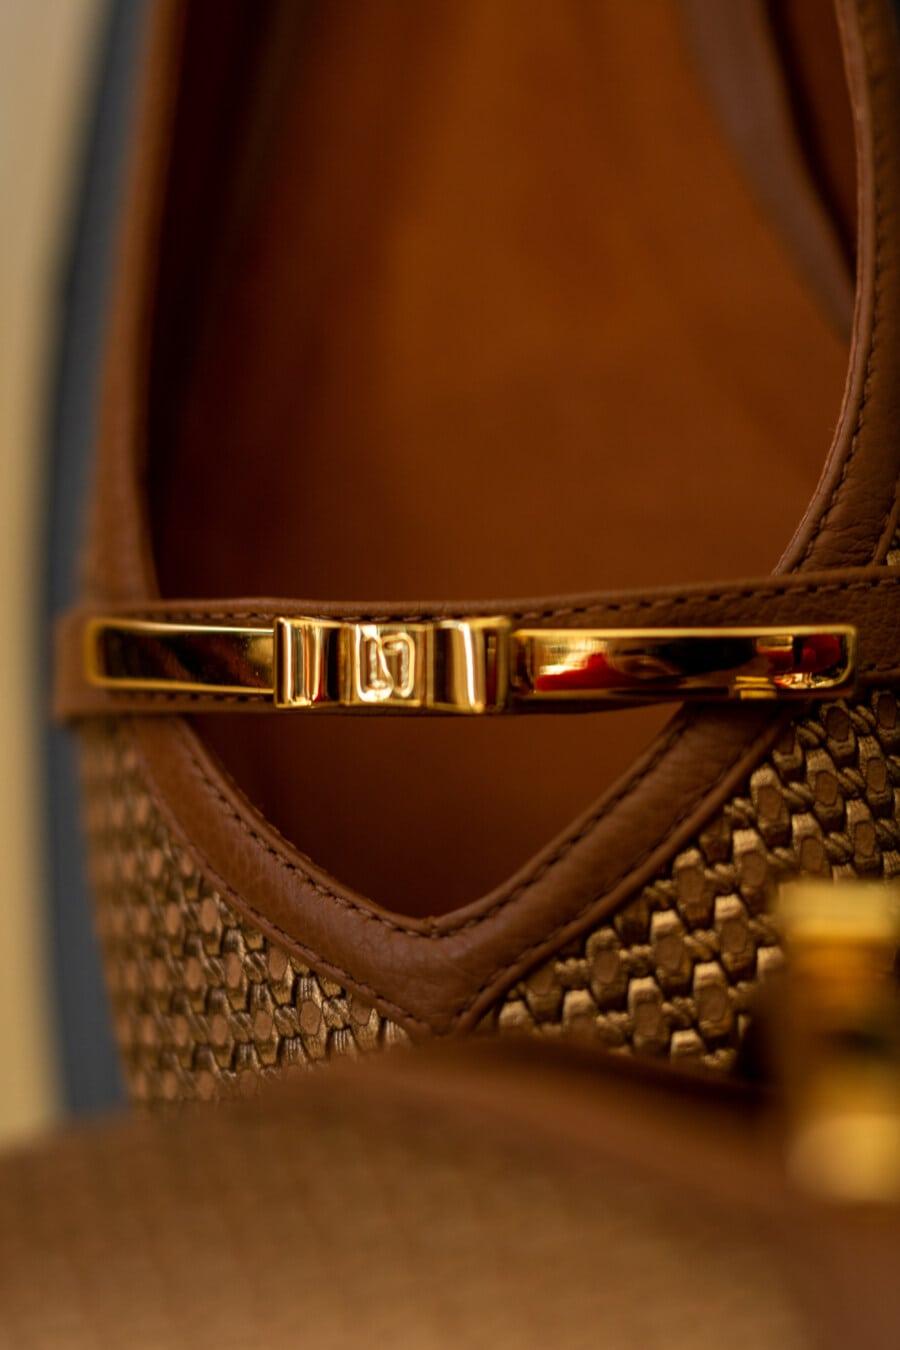 sandale, décoration, fermer, éclat doré, chaussure, mode, luxe, en cuir, nature morte, vintage